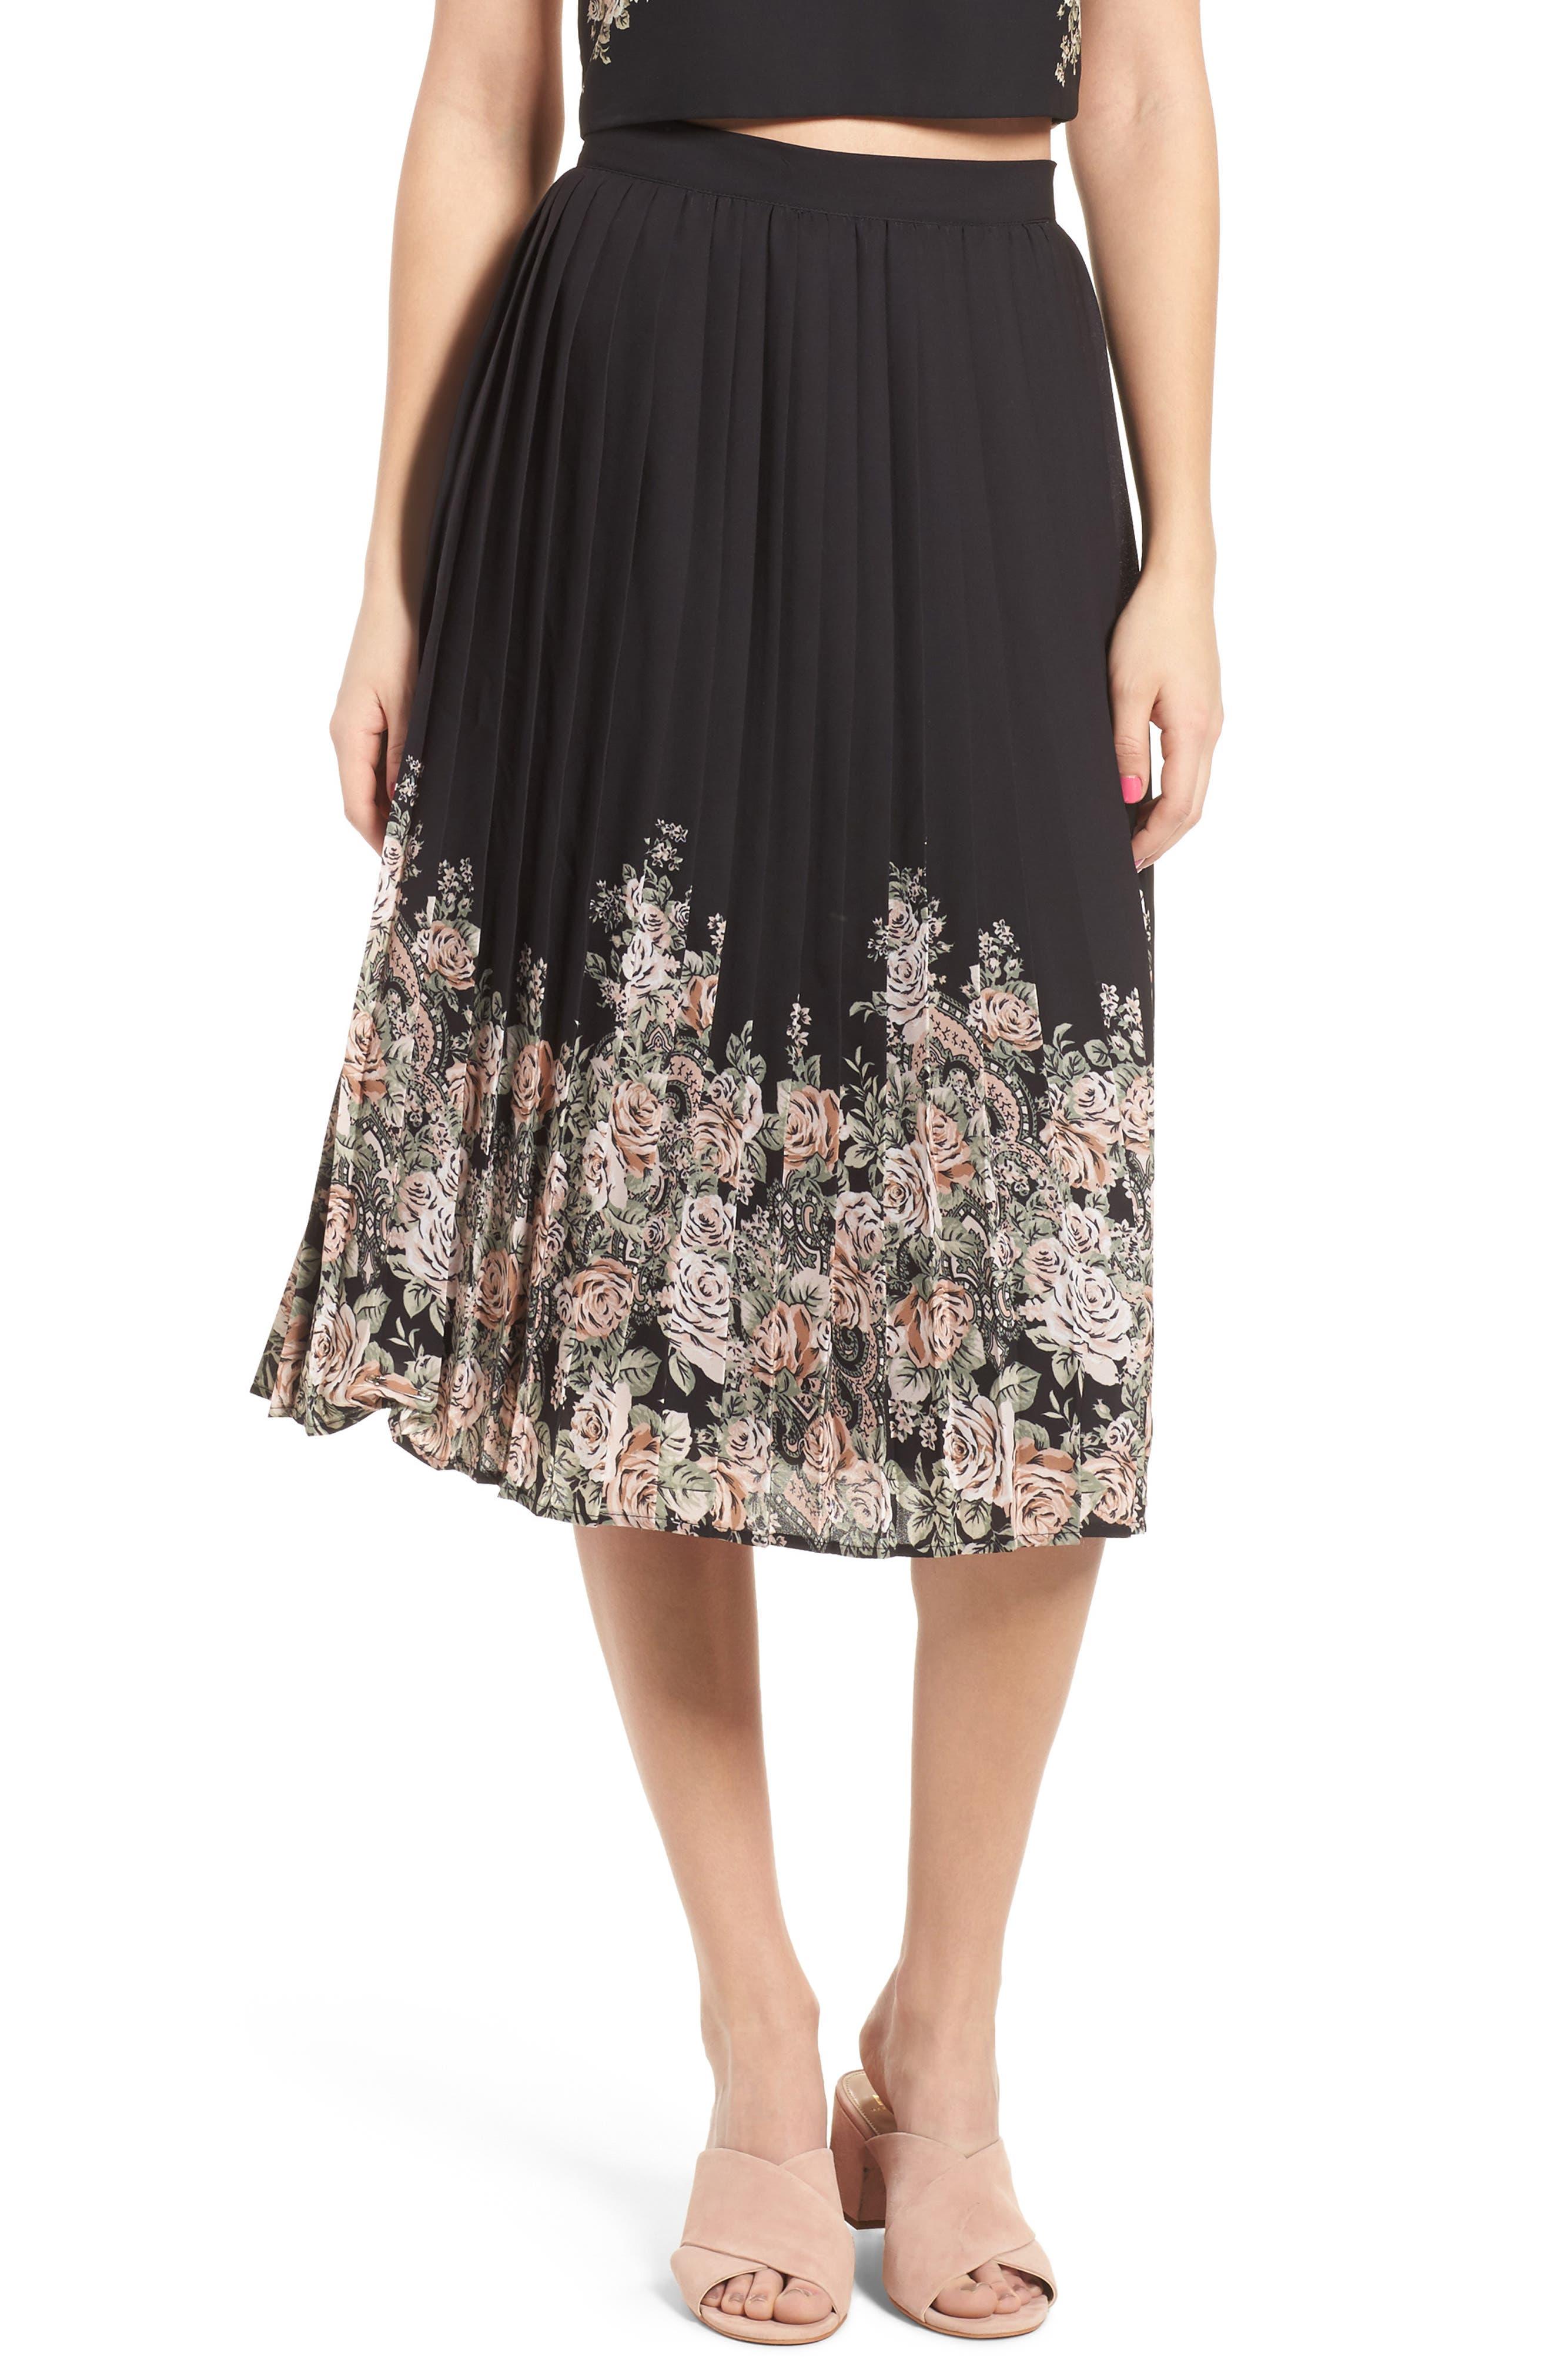 Alternate Image 1 Selected - June & Hudson Pleated Skirt